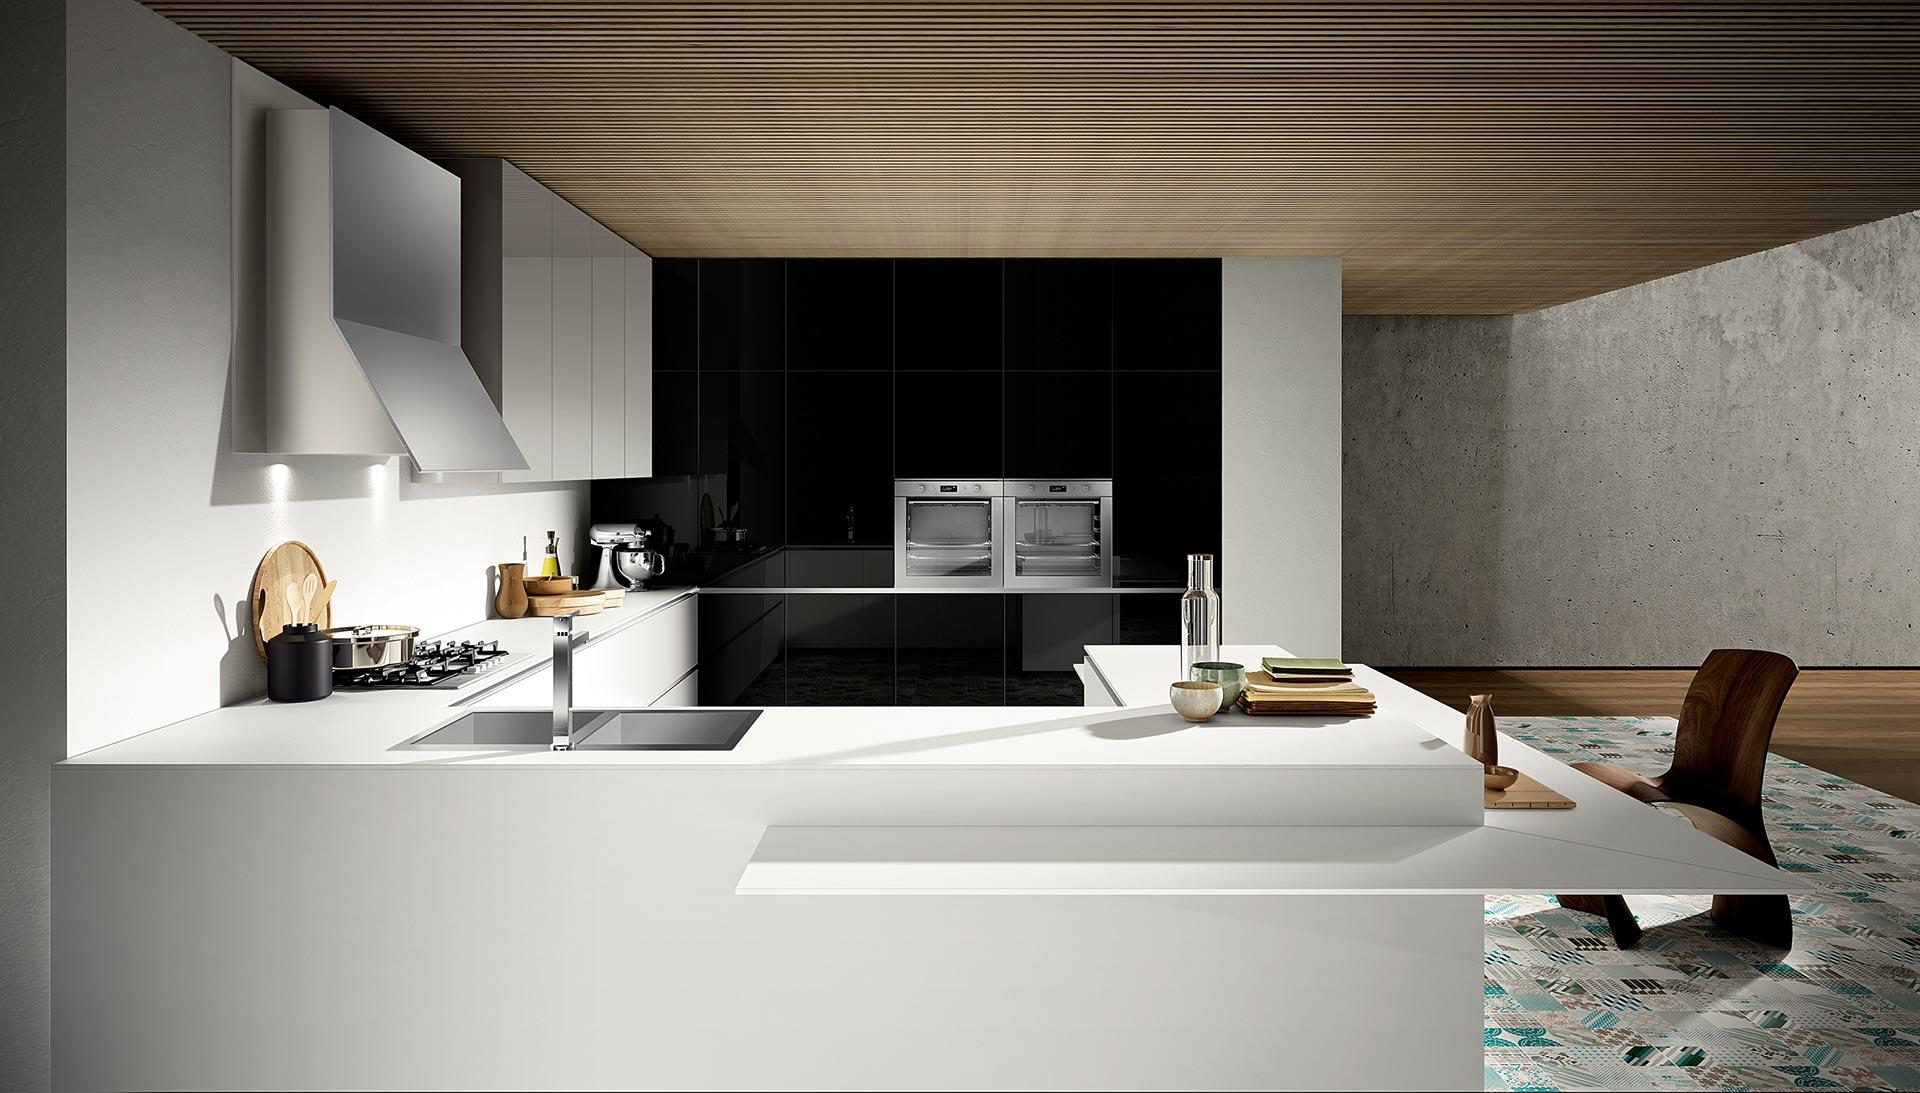 Mood cucina con ottimo rapporto qualit prezzo mussi - Cucina qualita prezzo ...